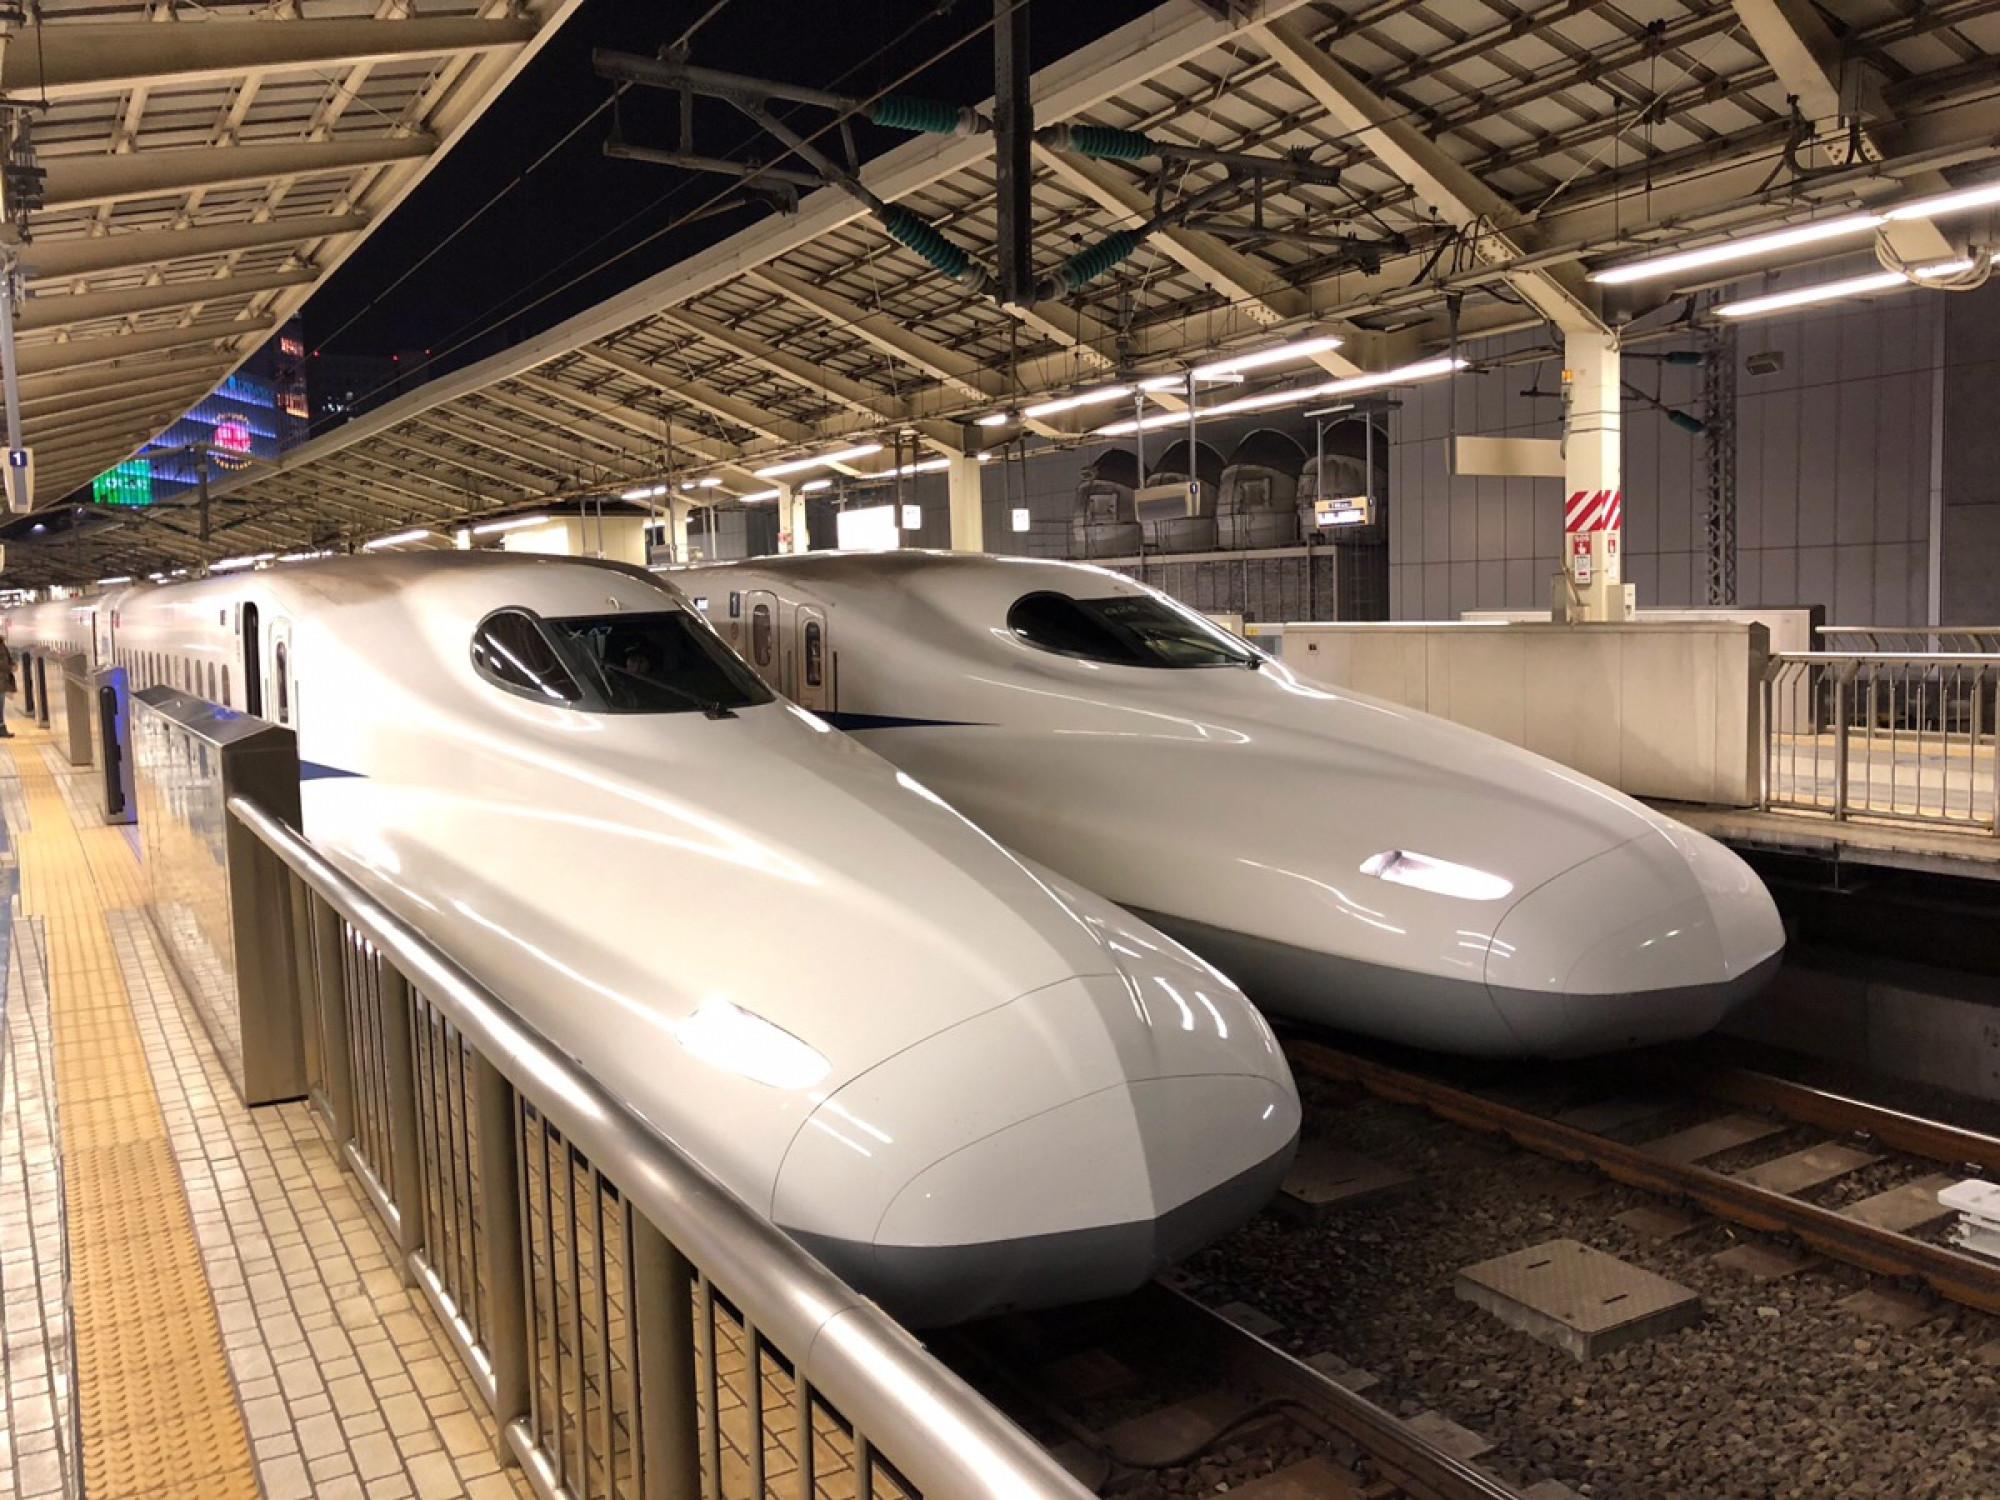 Go Toトラベルで新幹線を使ってディズニーリゾートへ!